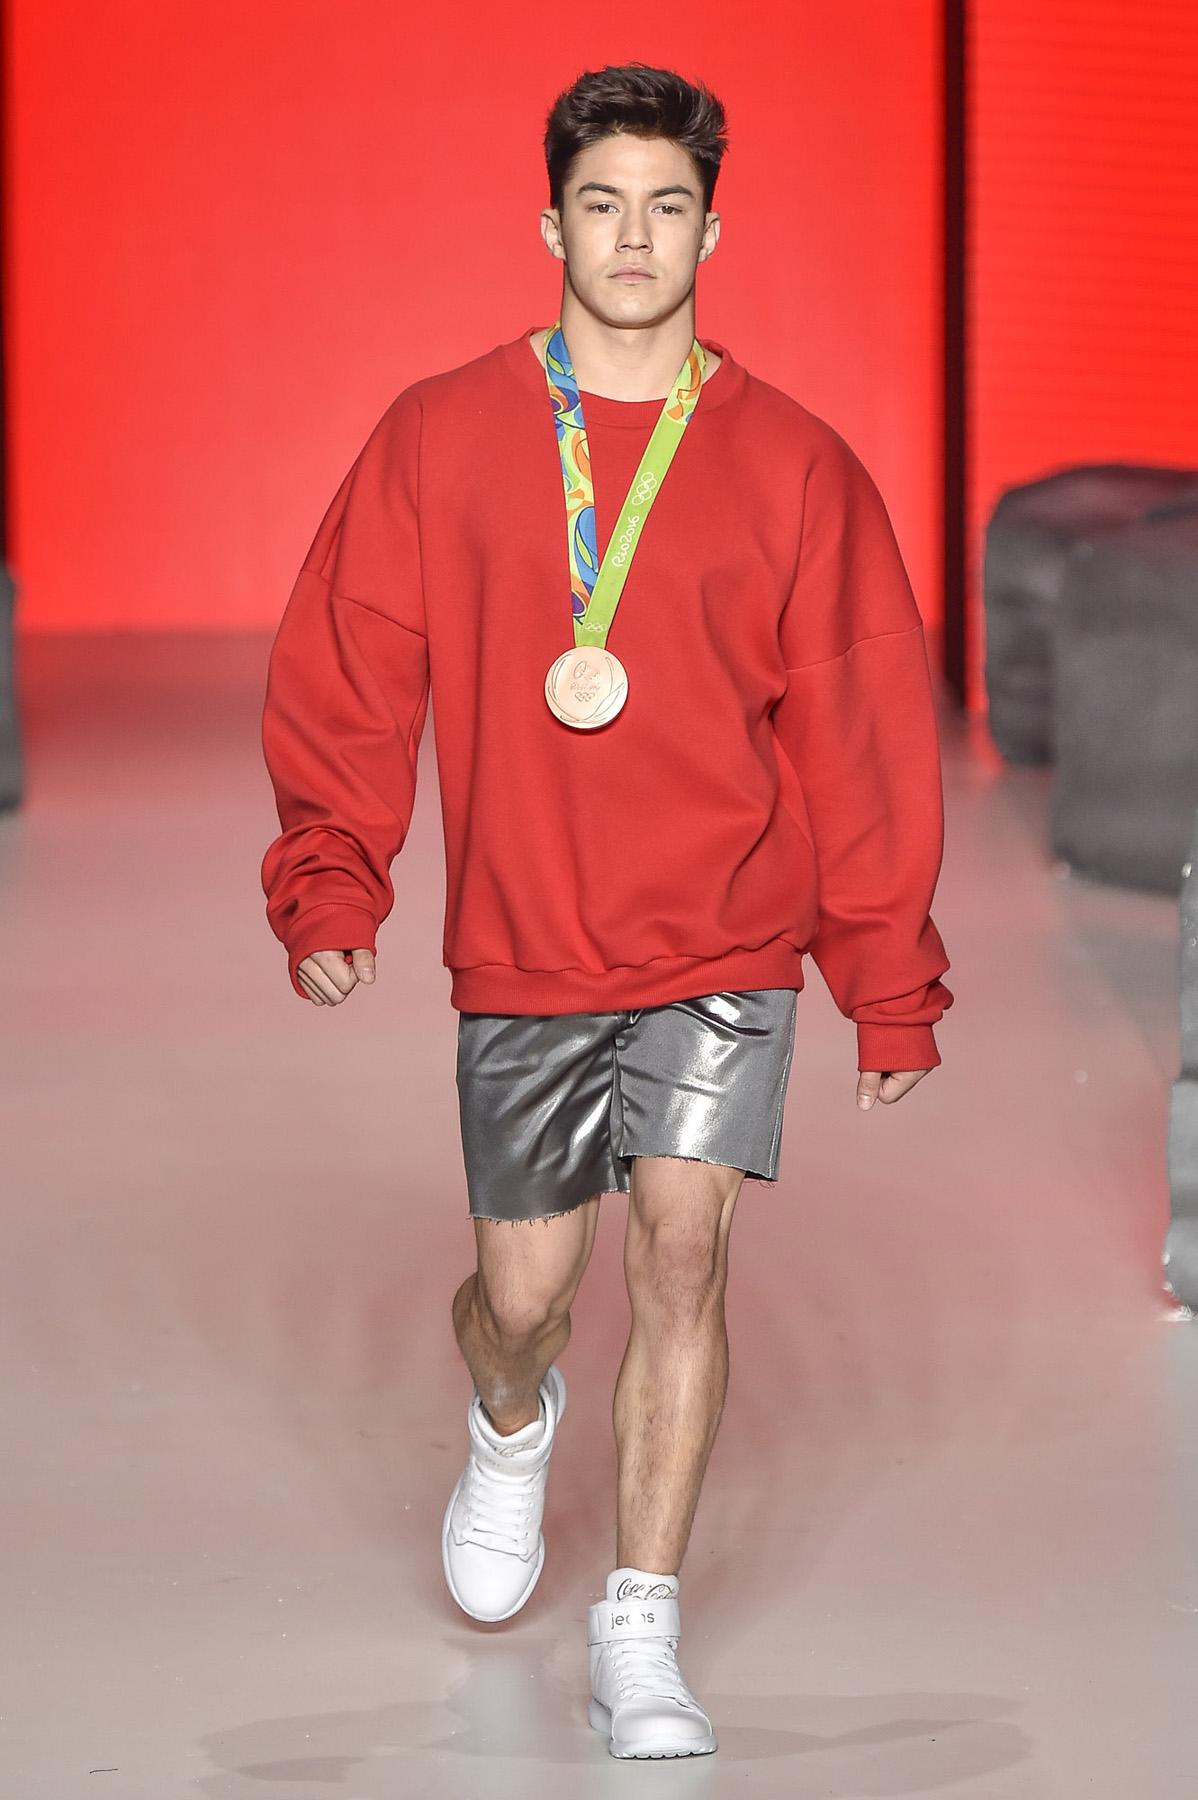 coca-cola-jeans-spfw-spfwn42-spfwntransn42-tendencia-masculina-homens-roupa-moda-2017-trends-desfile-alex-cursino-moda-sem-censura-f-hits-men-trends-fashion